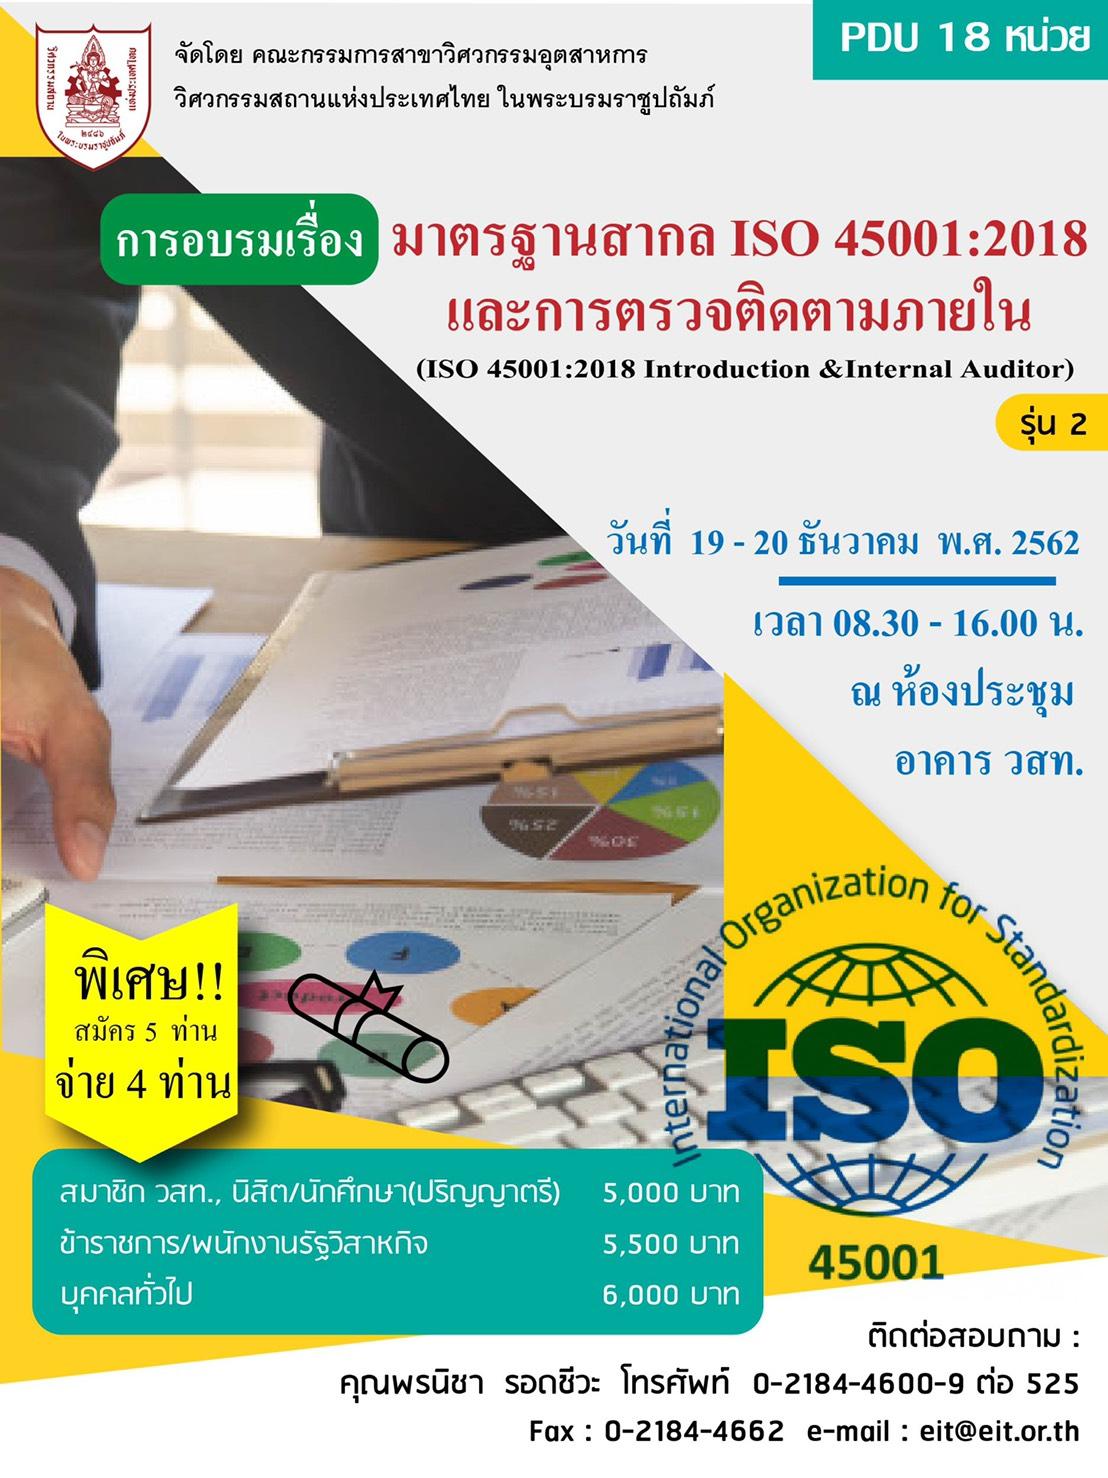 มาตรฐานสากล ISO 45001:2018 และ การตรวจติดตามภายใน  ( ISO 45001:2018 Introduction & Internal Auditor ) รุ่นที่ 2